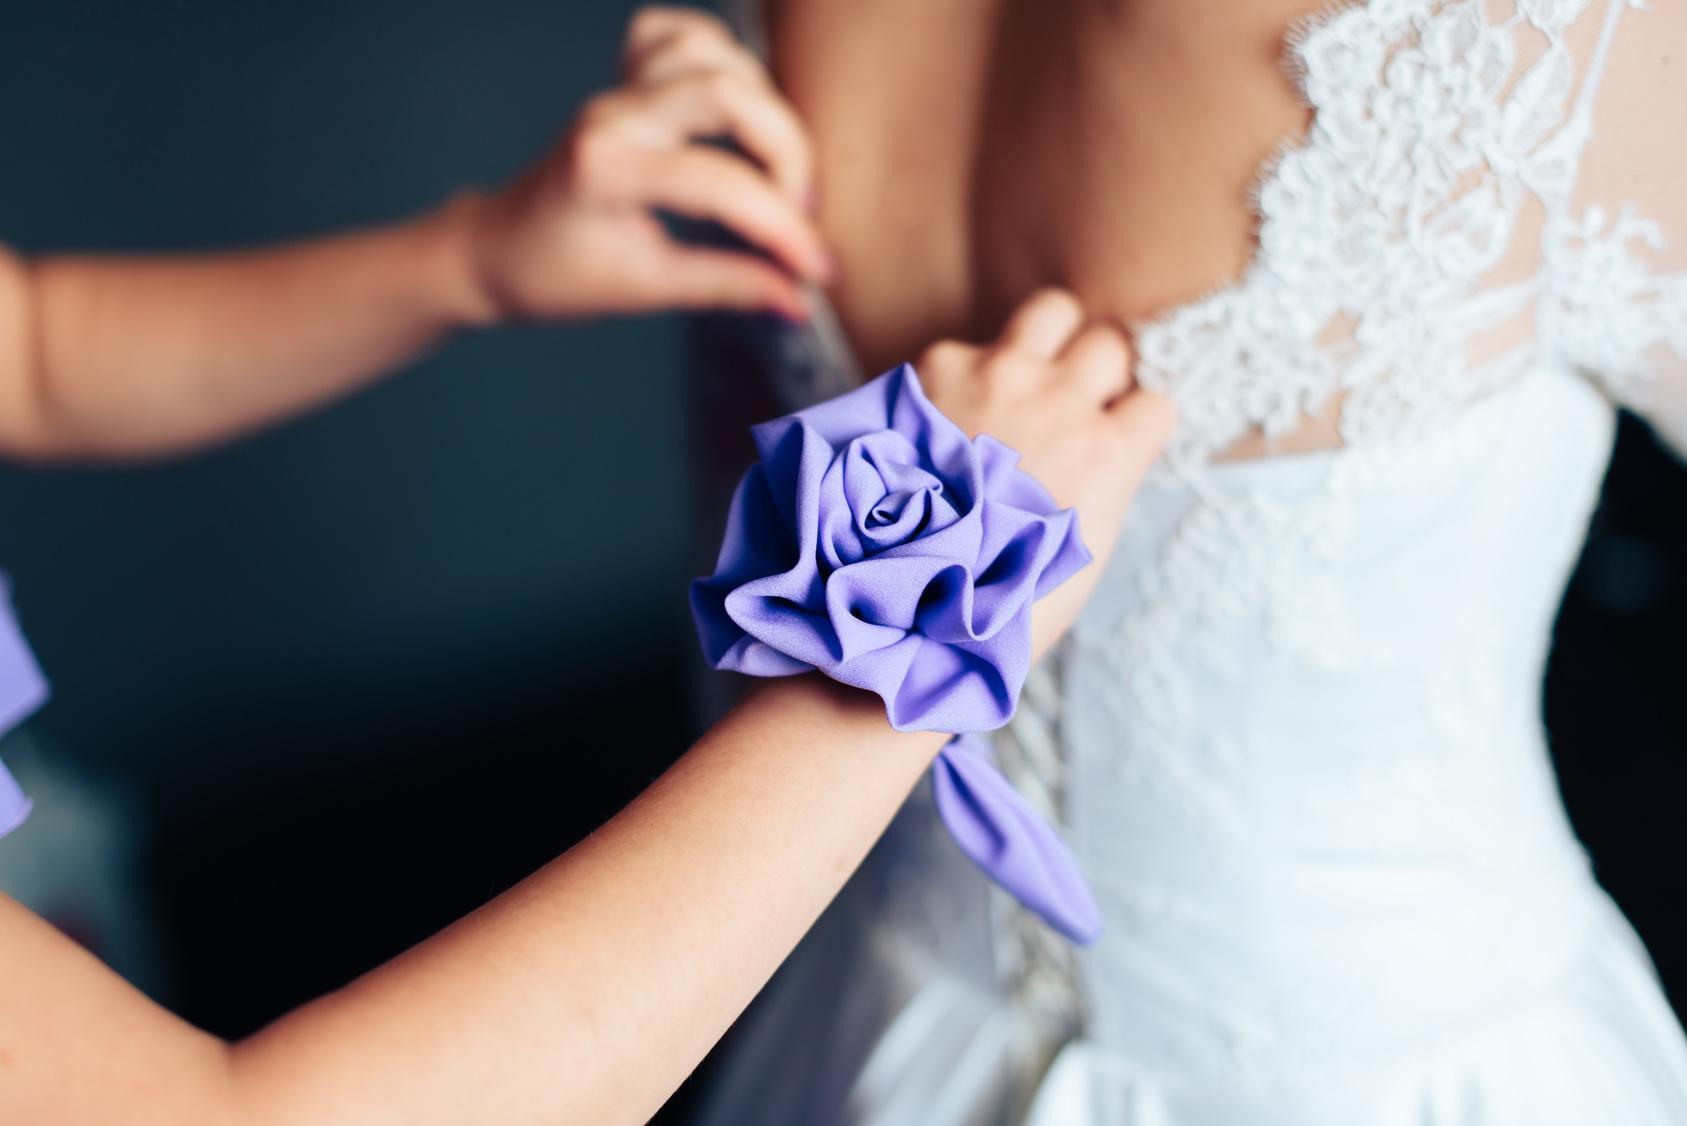 Czy można iść w białej sukience na wesele?